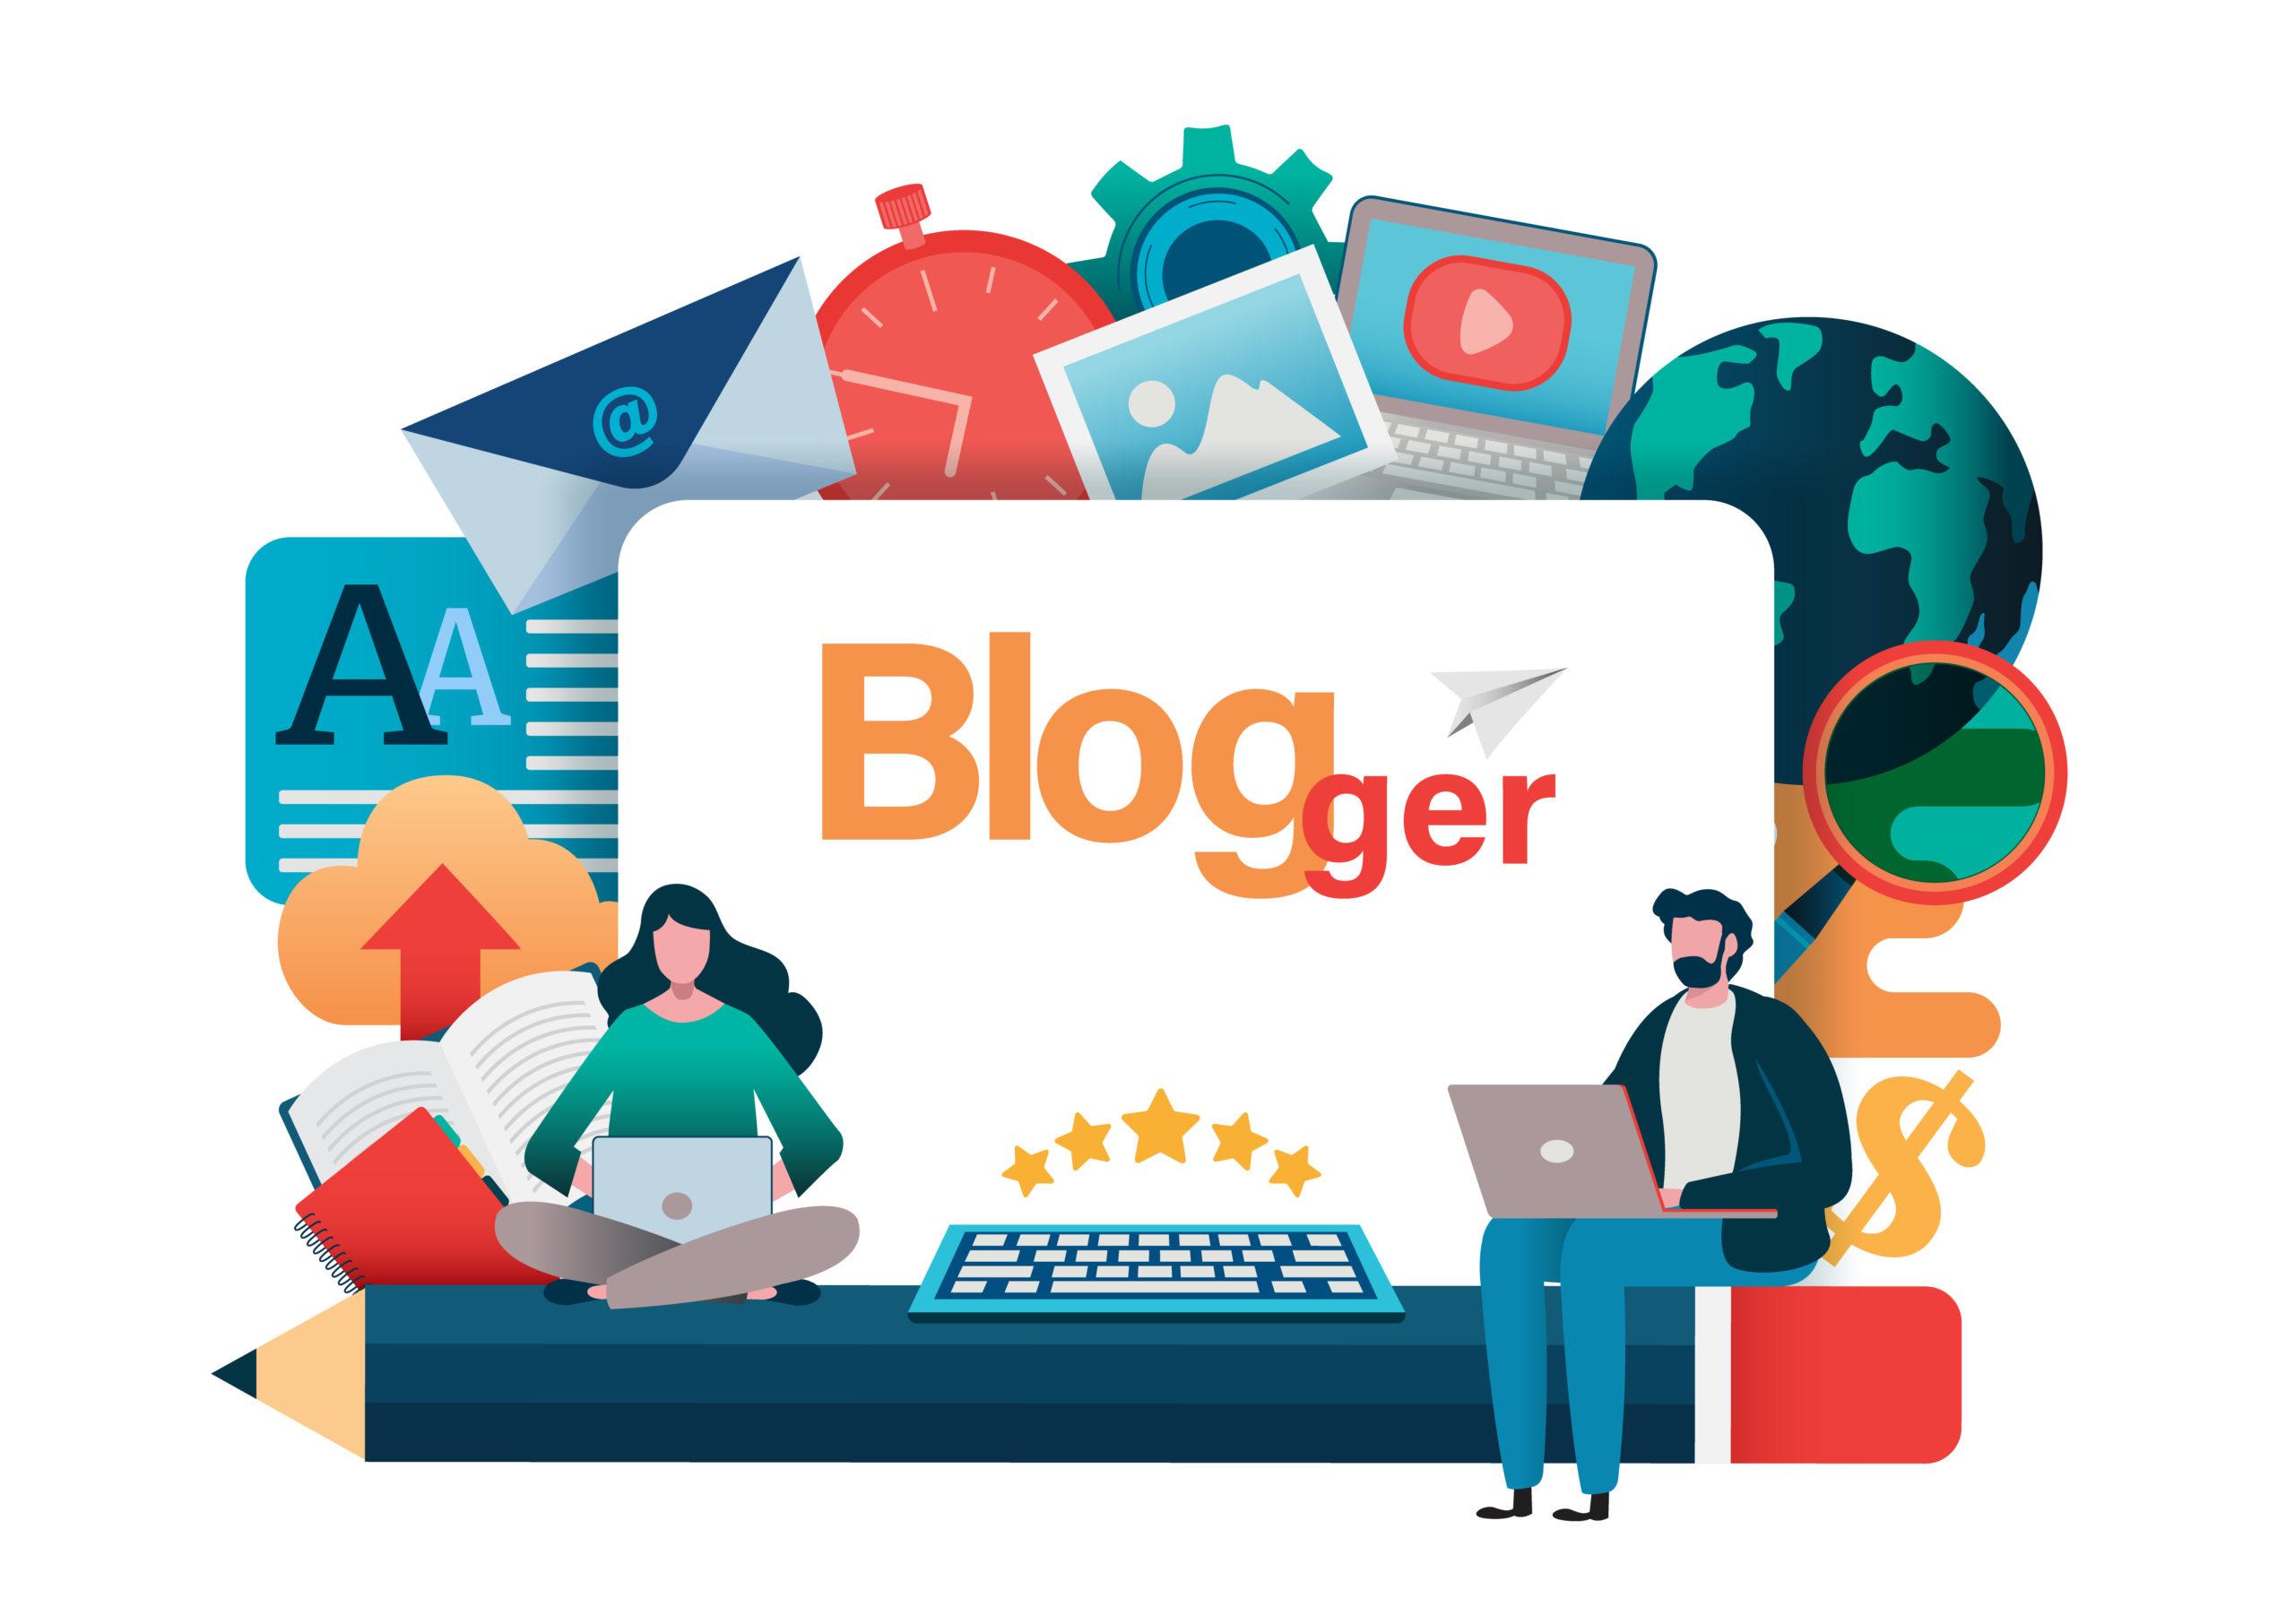 建設業の方が今すぐに始めるべき副業があります。それがブログです。